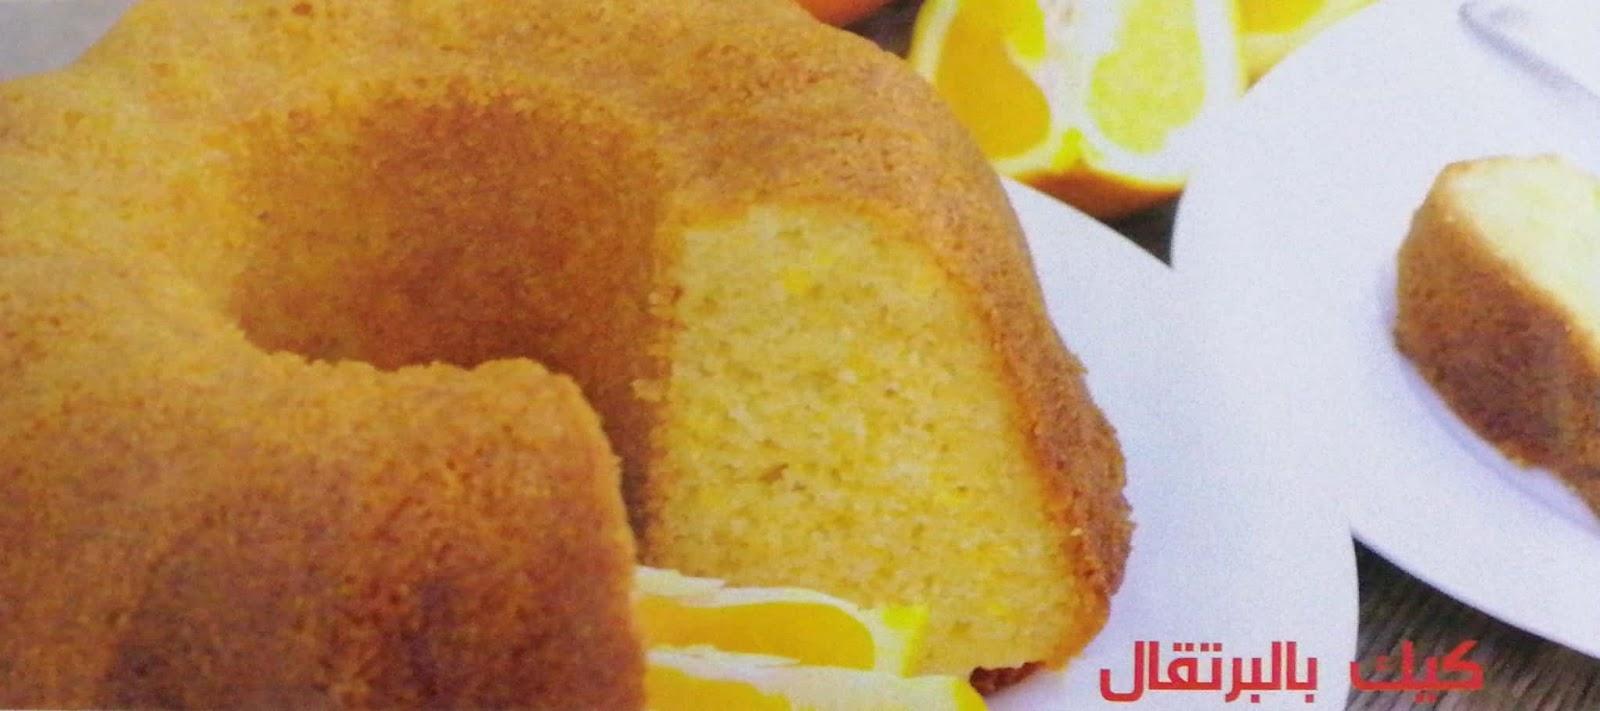 طريقة عمل كيكة البرتقال,كيكة البرتقال,طريقة كيكة البرتقال,كيكة البرتقال الهشة,طريقة عمل الكيكة بالبرتقال